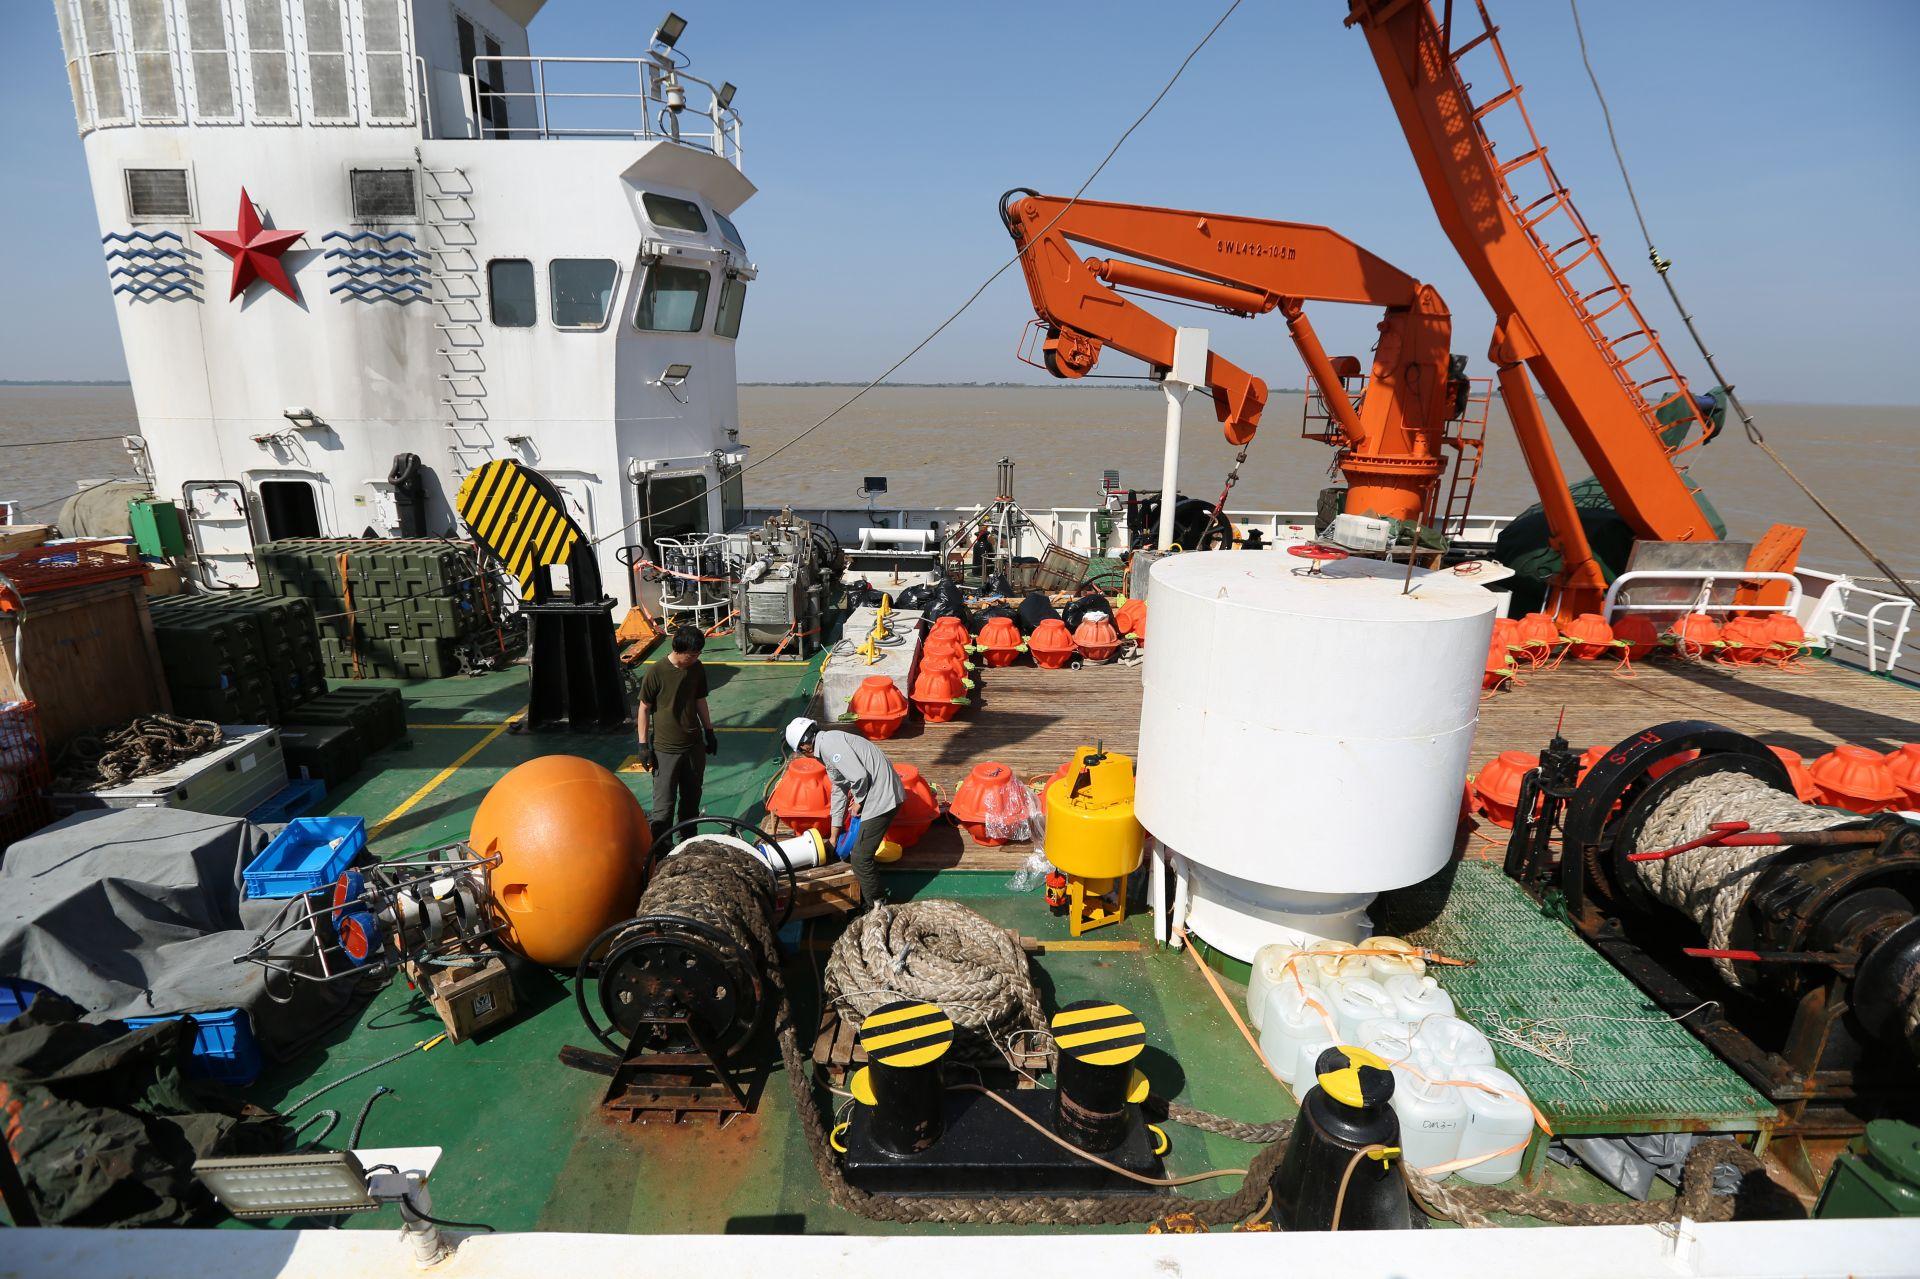 """2月13日,在缅甸仰光迪拉瓦港,中国自然资源部""""向阳红06""""号科考船工作人员在船上工作。新华社发(吴昂摄)"""